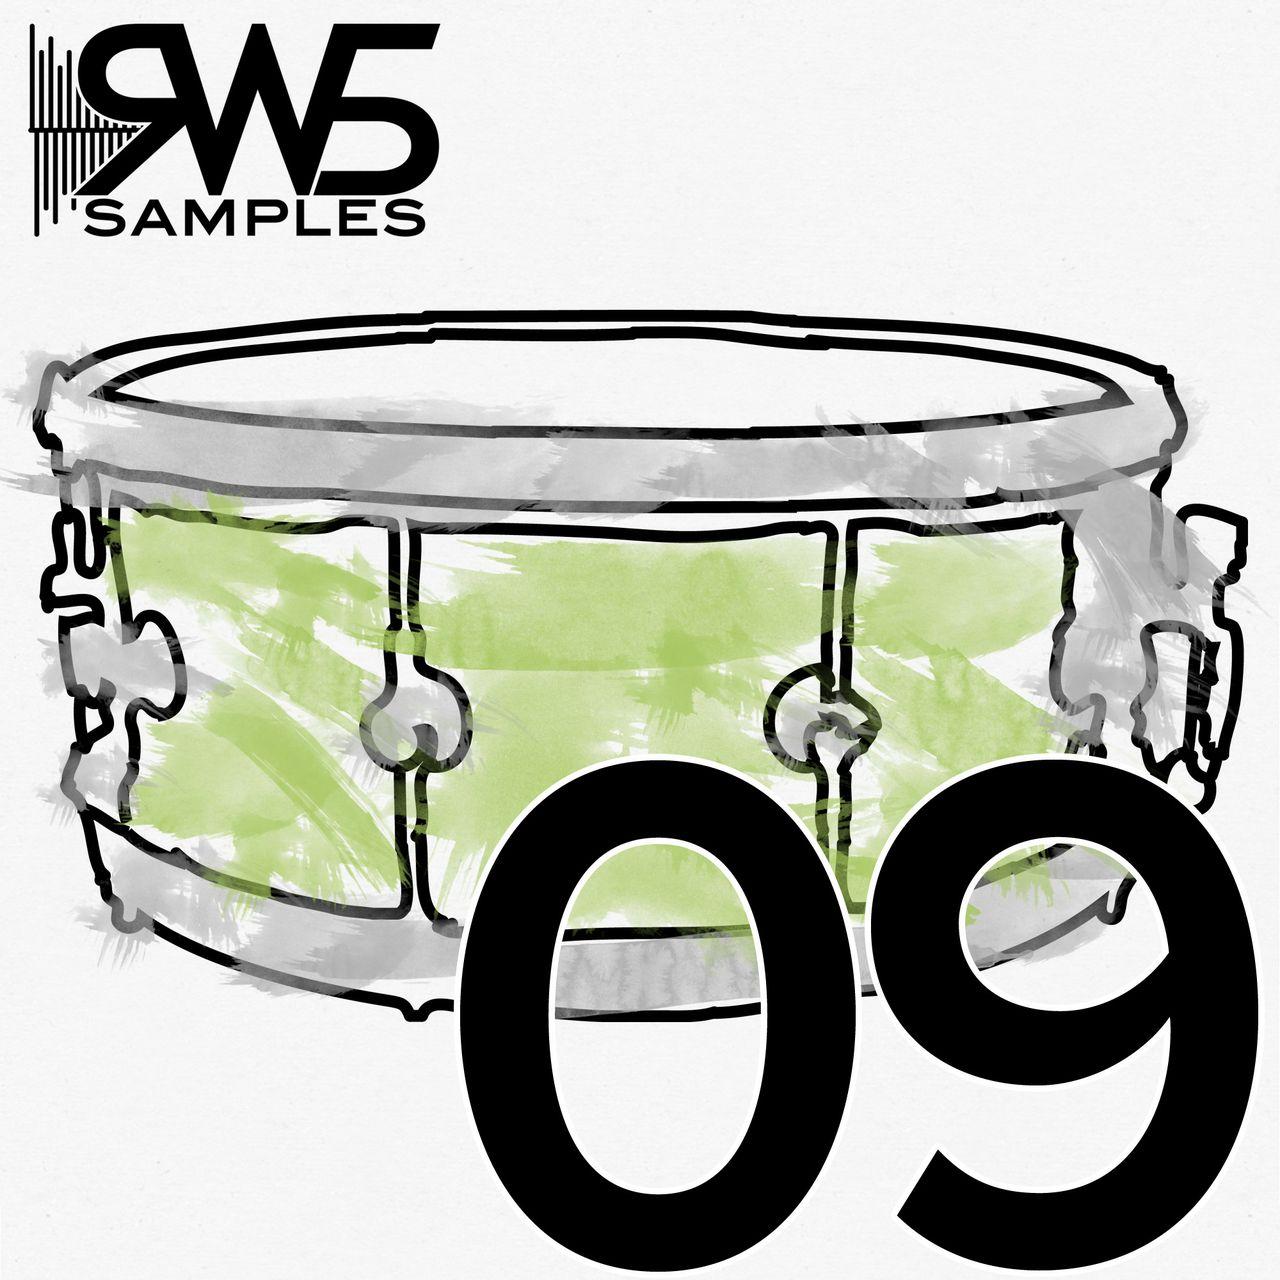 RW5 Snare 09